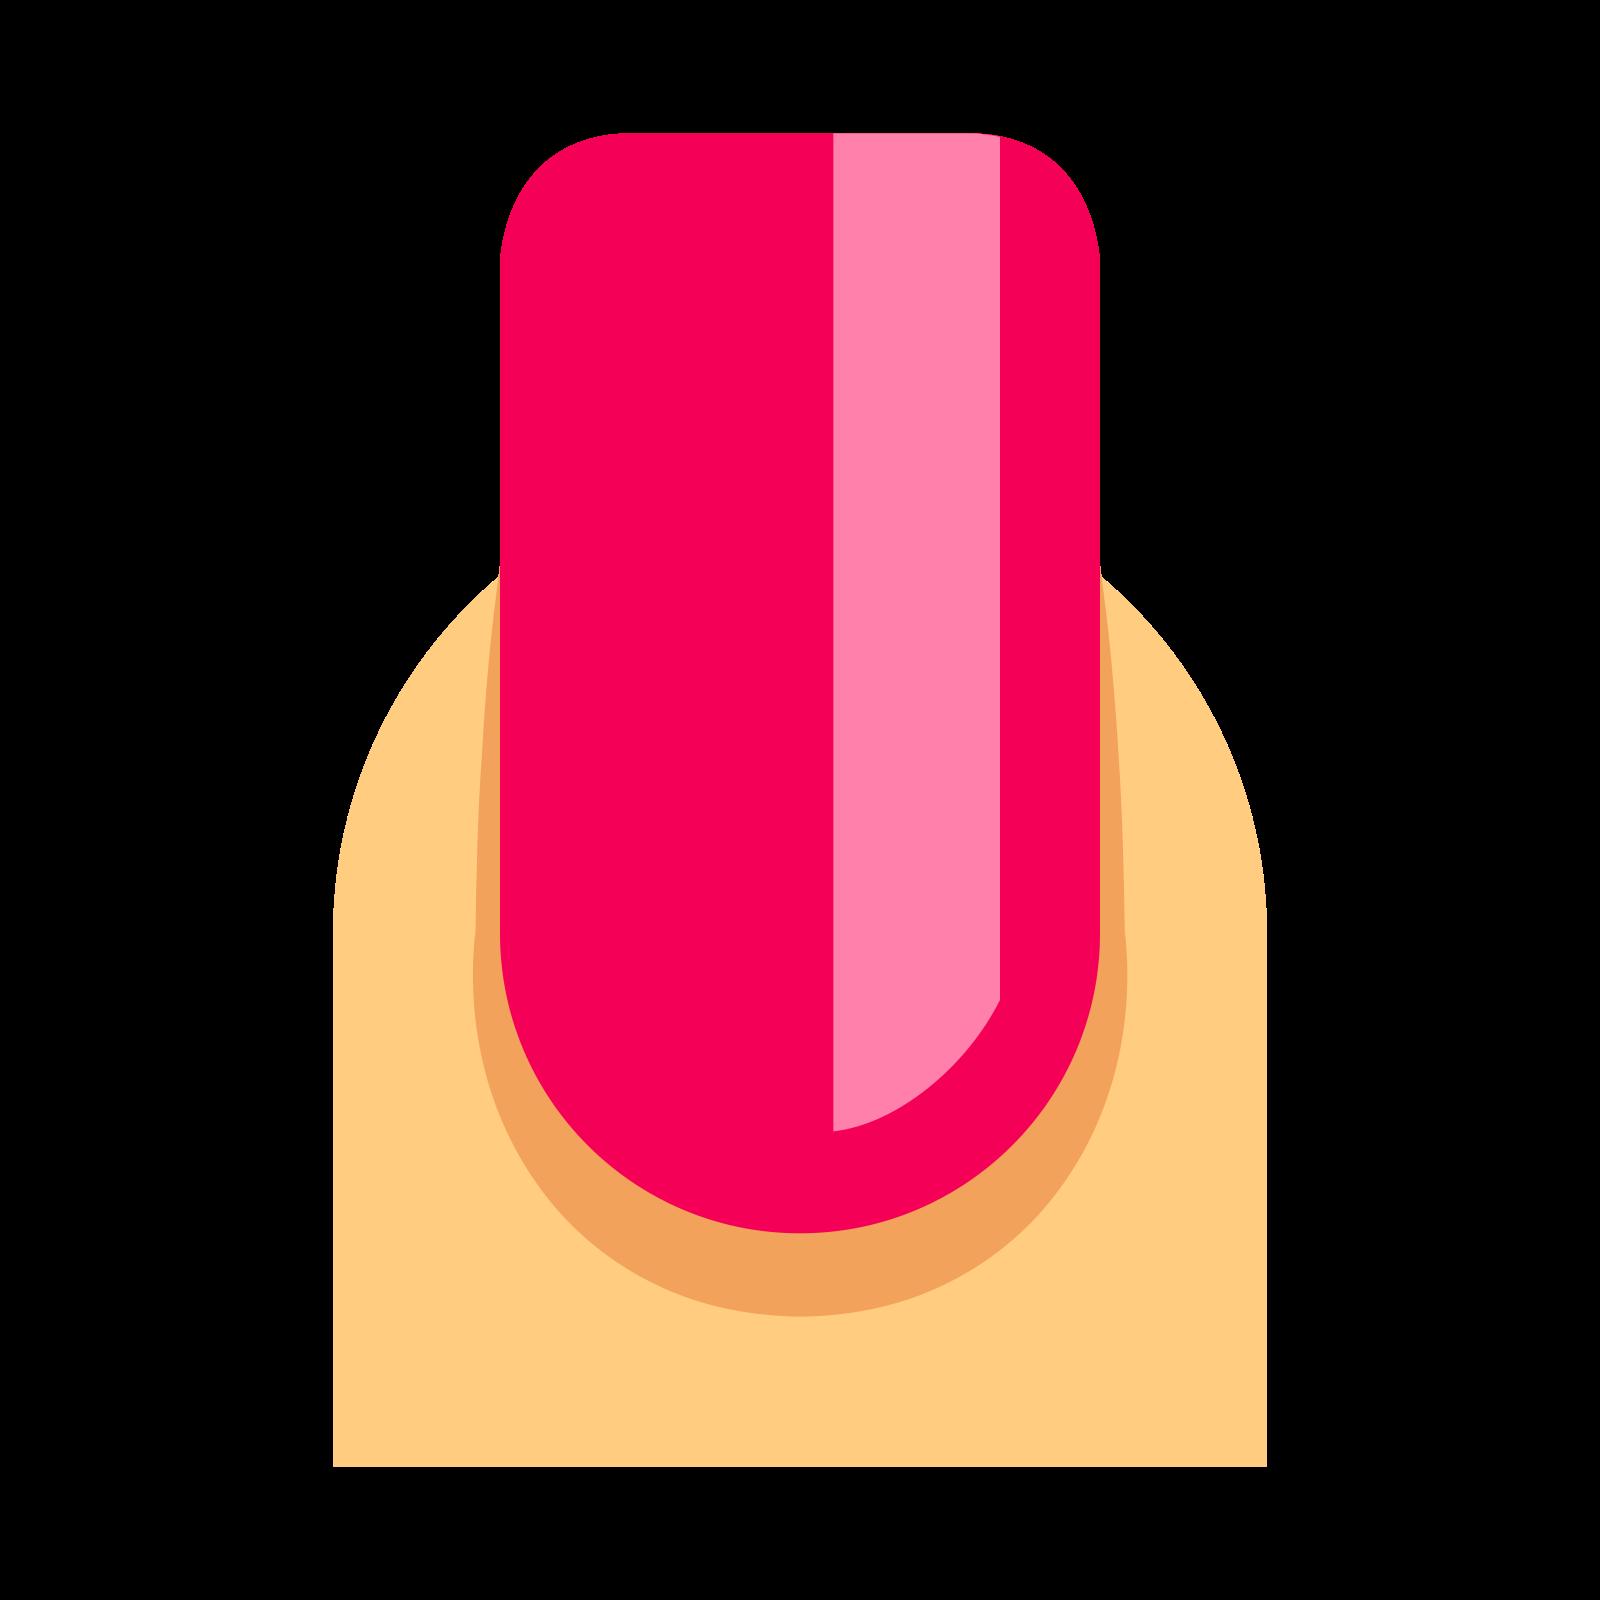 Nails PNG Image